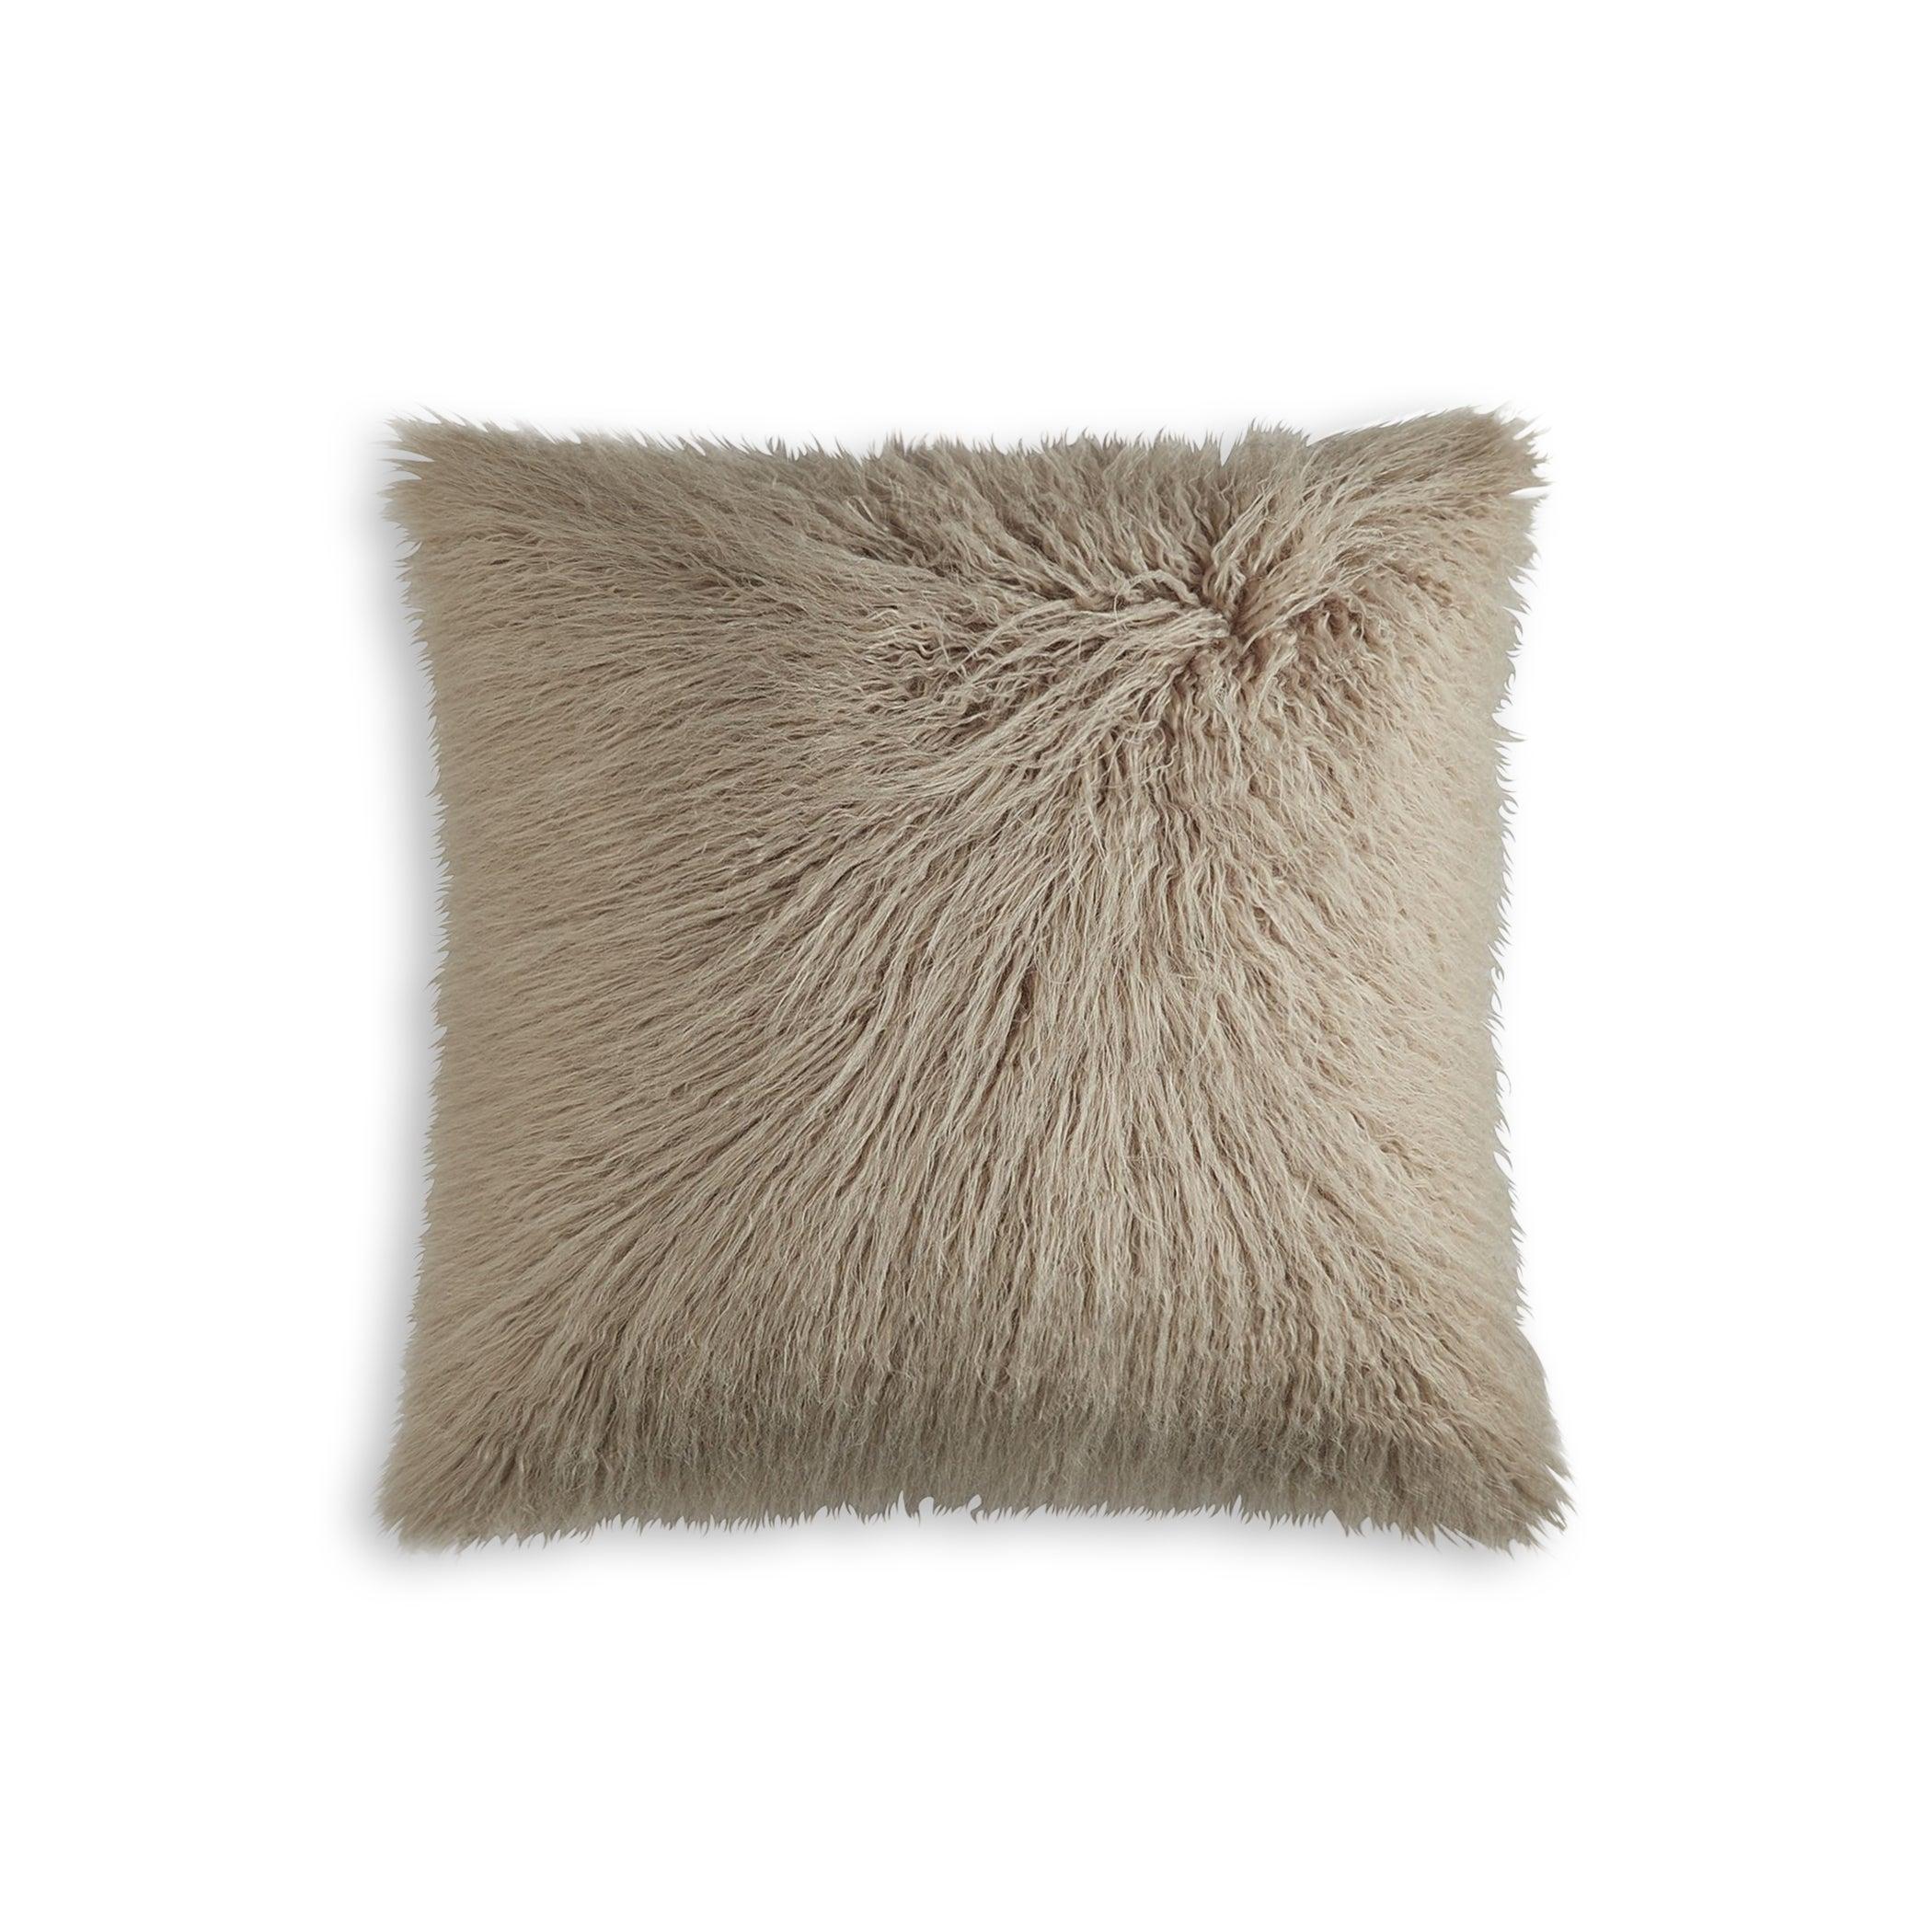 Luxefauxfur Frisco Mongolian Sheepskin Faux Fur Pillow Tan